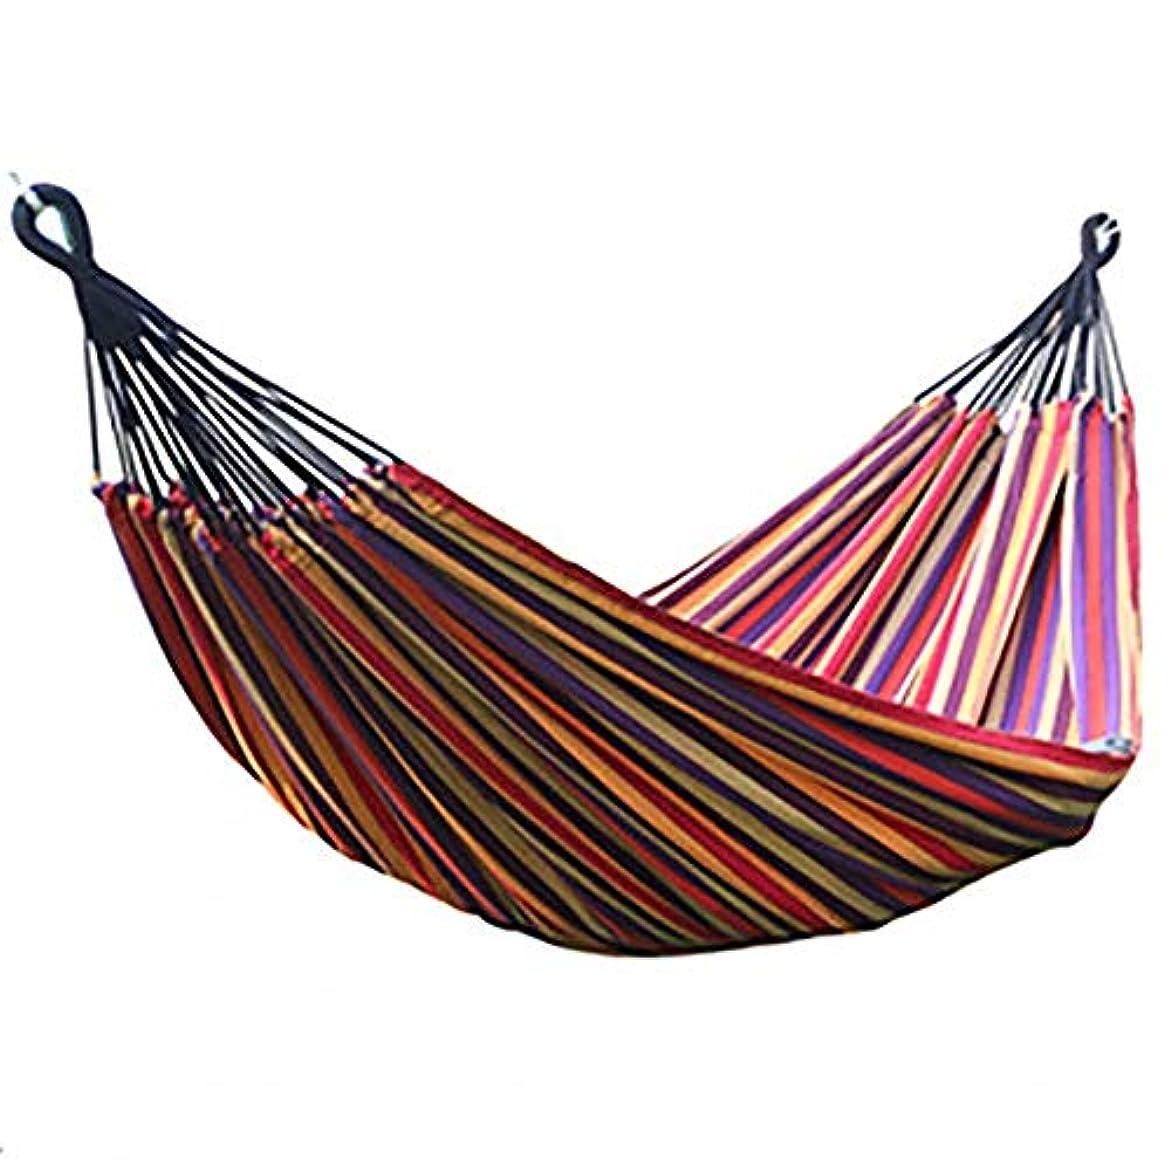 不実悲惨答え屋外の綿のハンモック、ハイキングおよびハイキングの観光事業の屋外の存続のための携帯用特大二重綿の快適なキャンプのピクニック布のハンモック (Color : E)